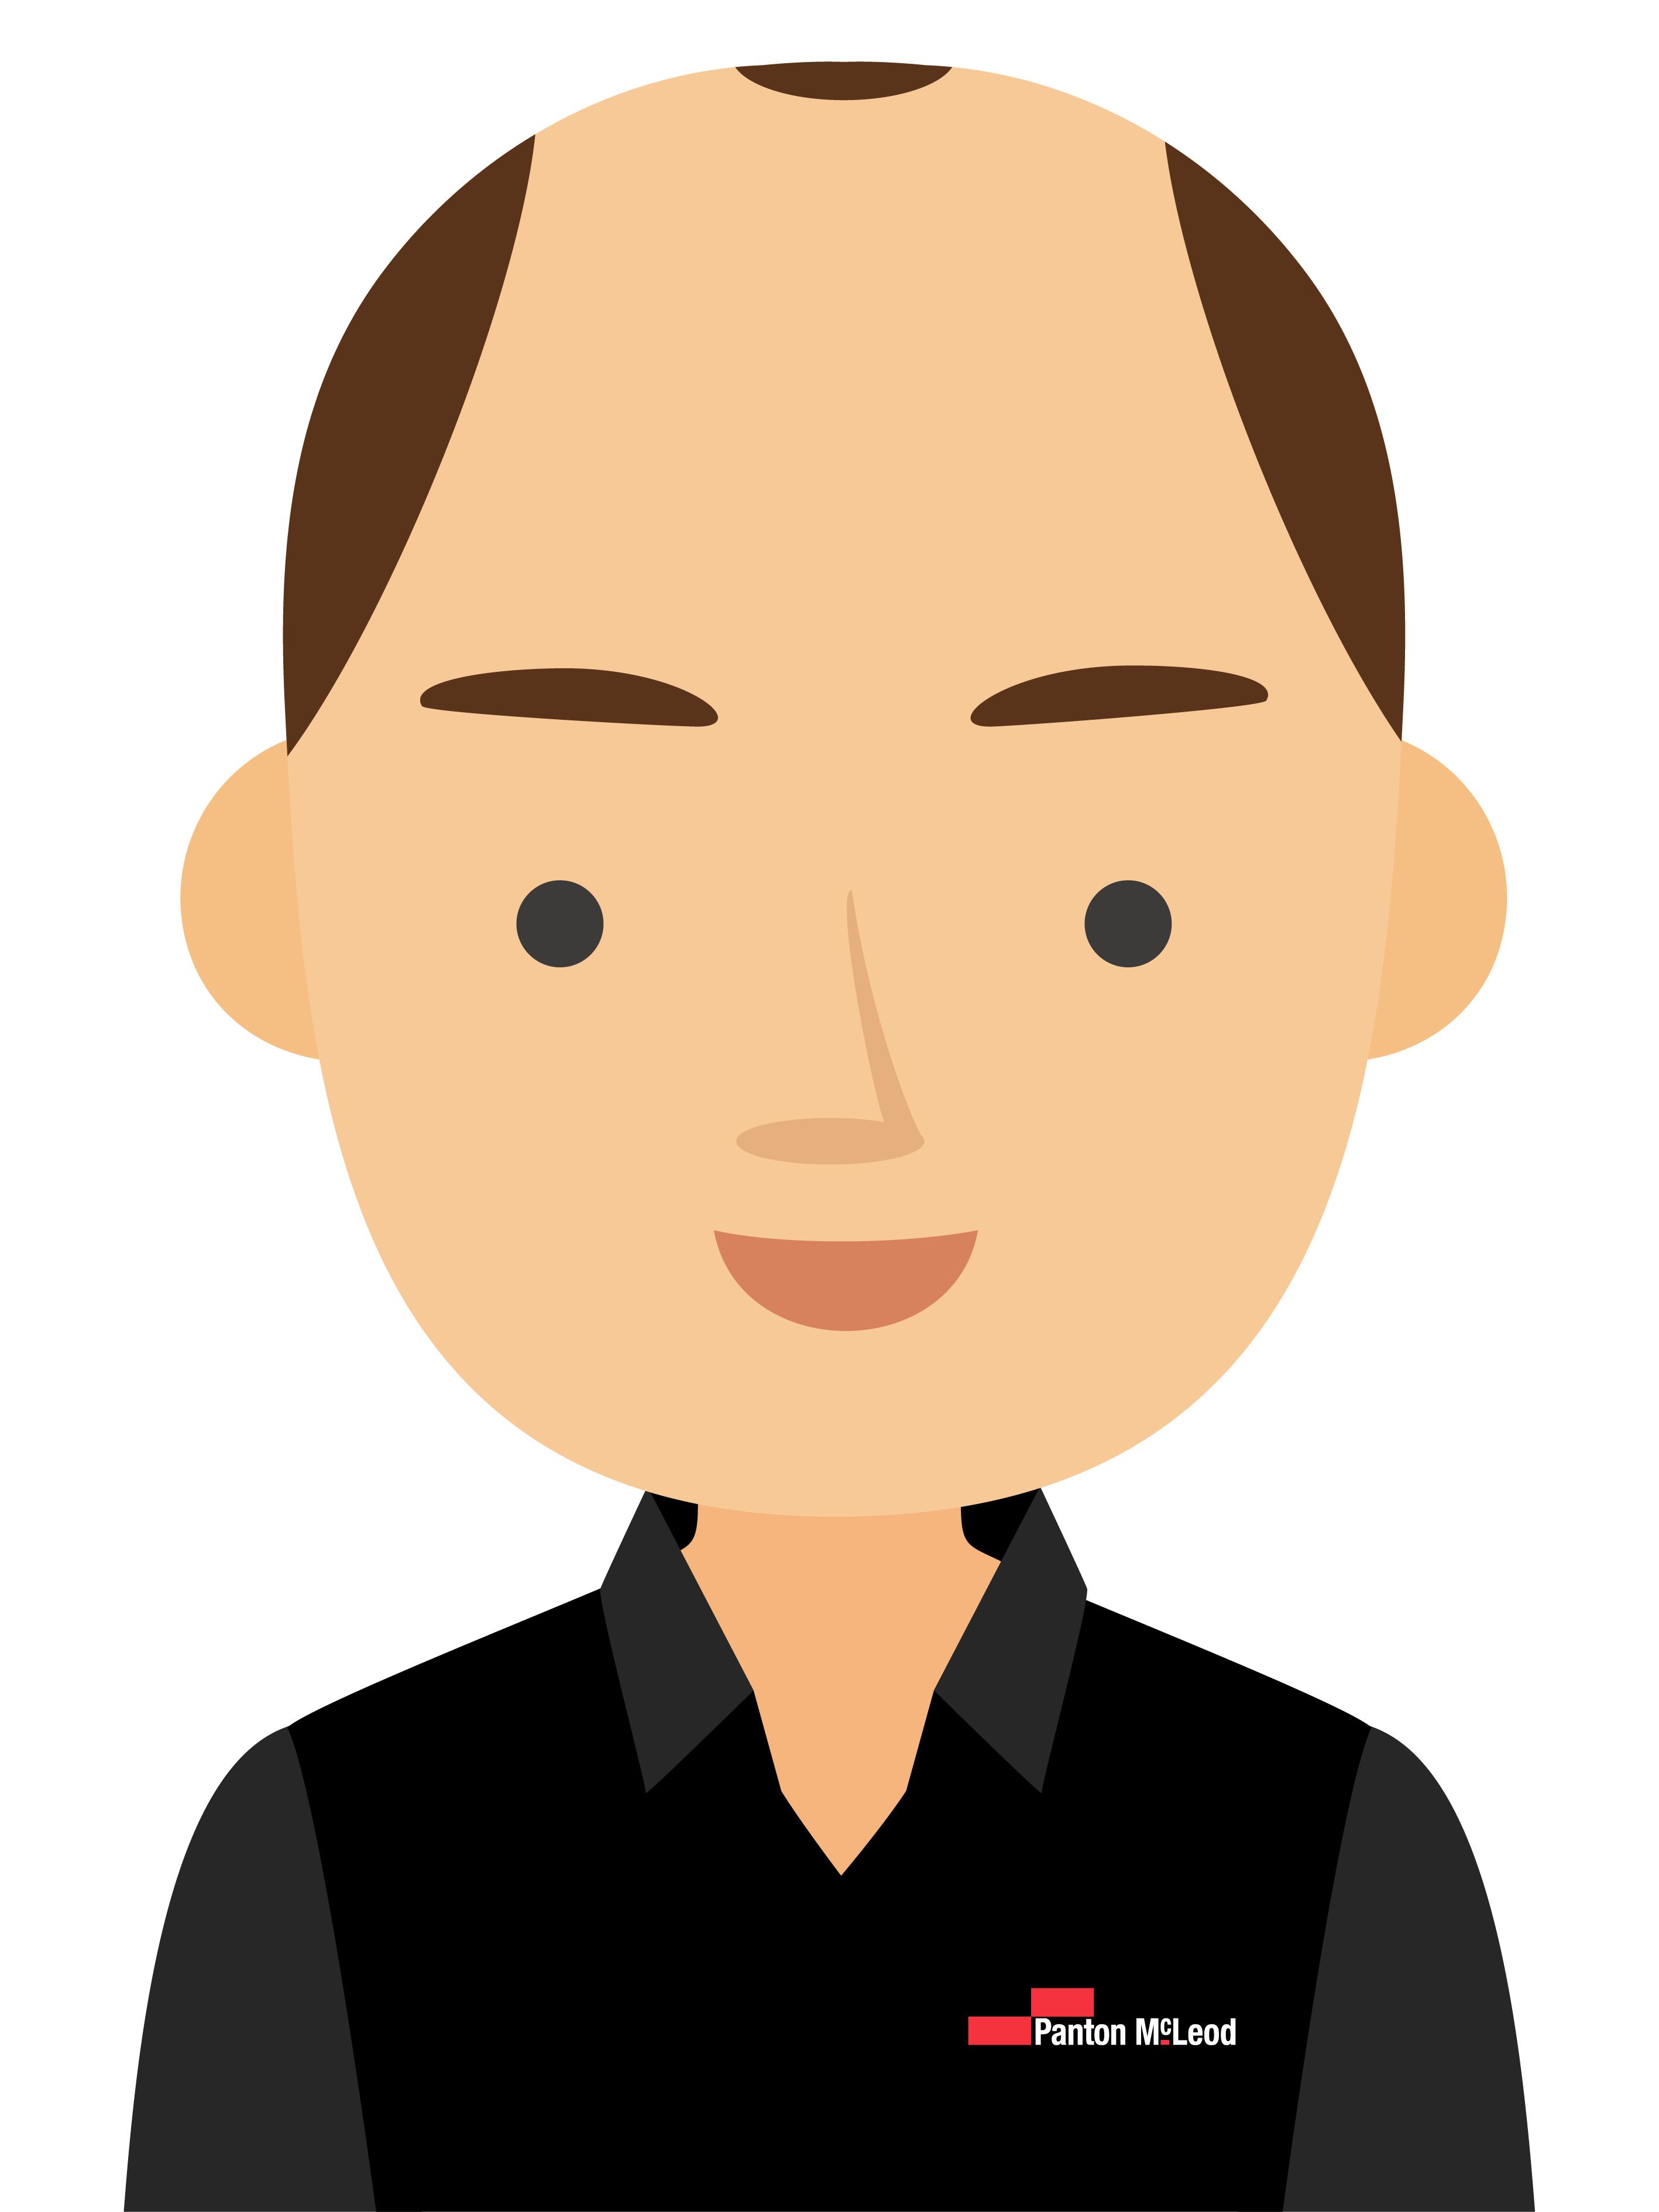 Neil MacDonald Emoji